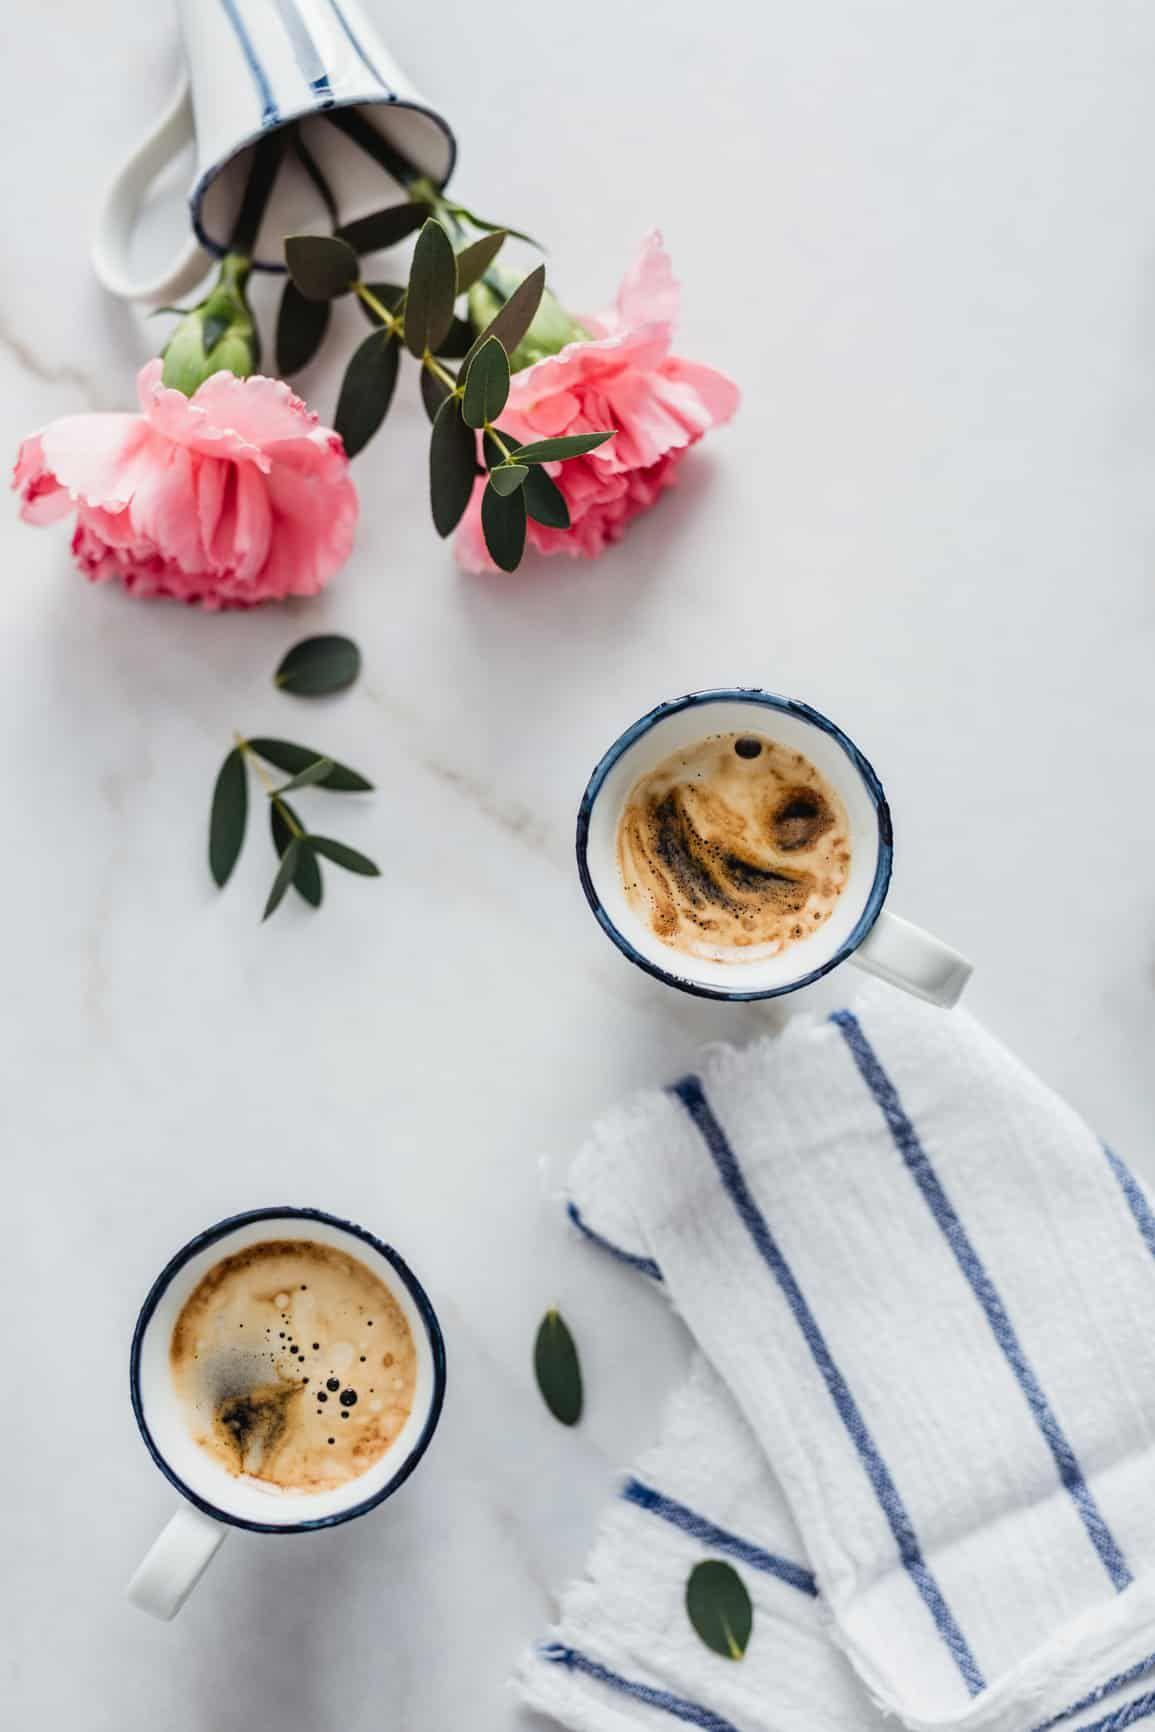 How to Make Espresso #espressoathome